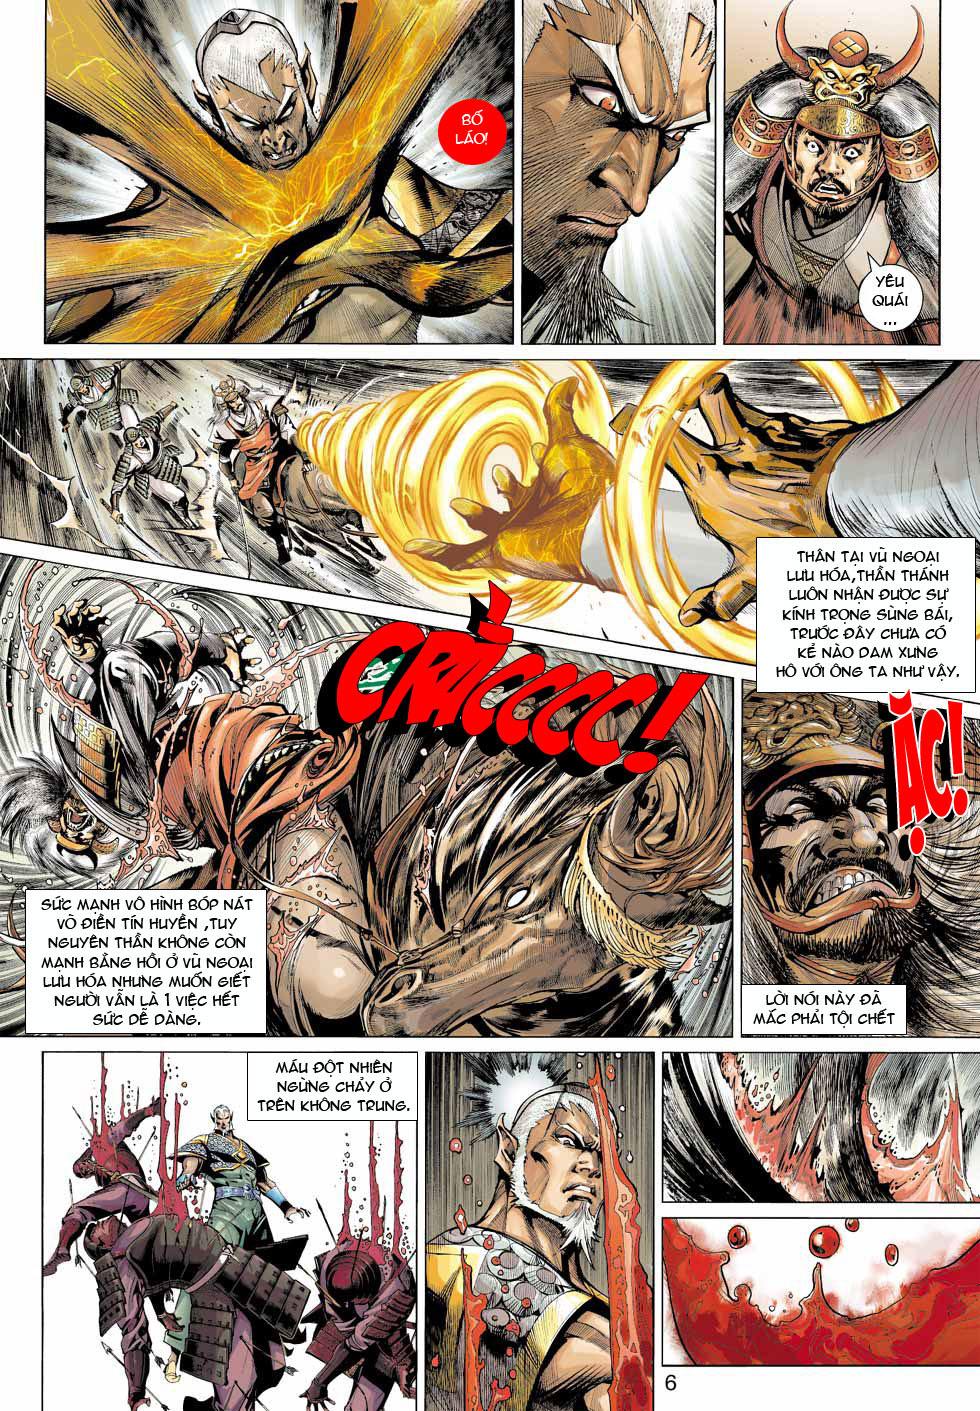 Thần Binh 4 chap 12 - Trang 7